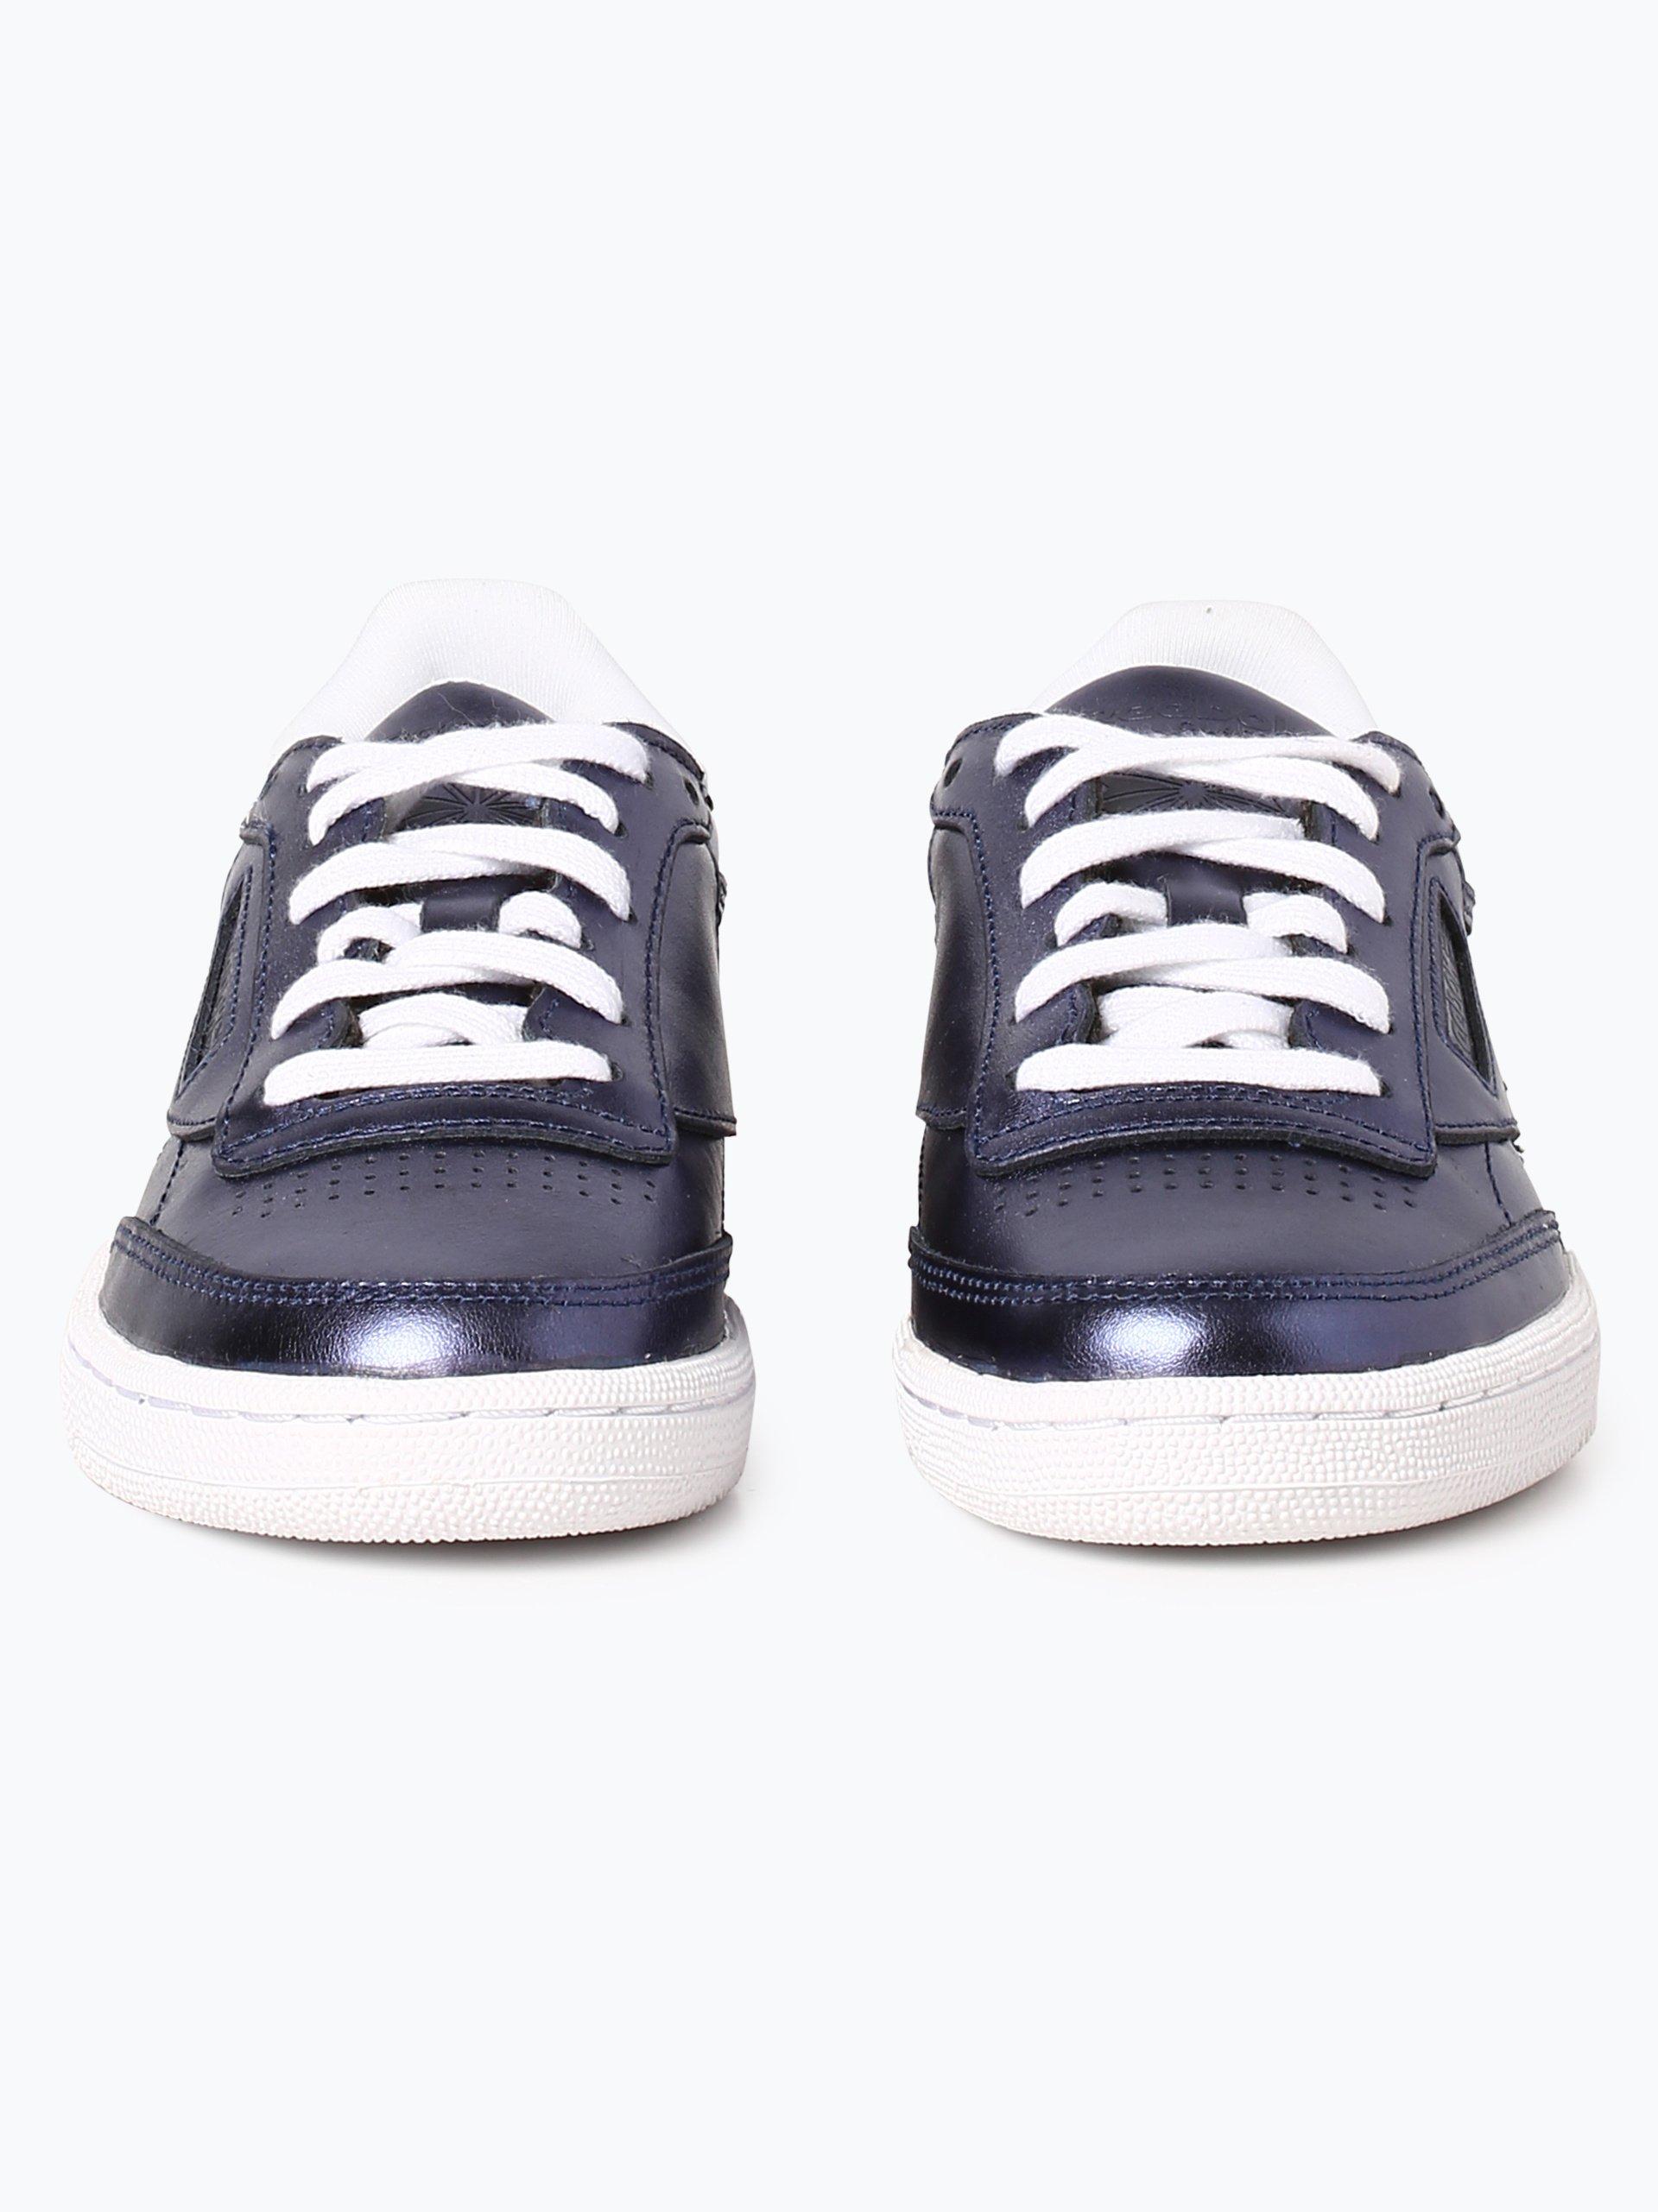 reebok damen sneaker aus leder blau uni online kaufen vangraaf com. Black Bedroom Furniture Sets. Home Design Ideas